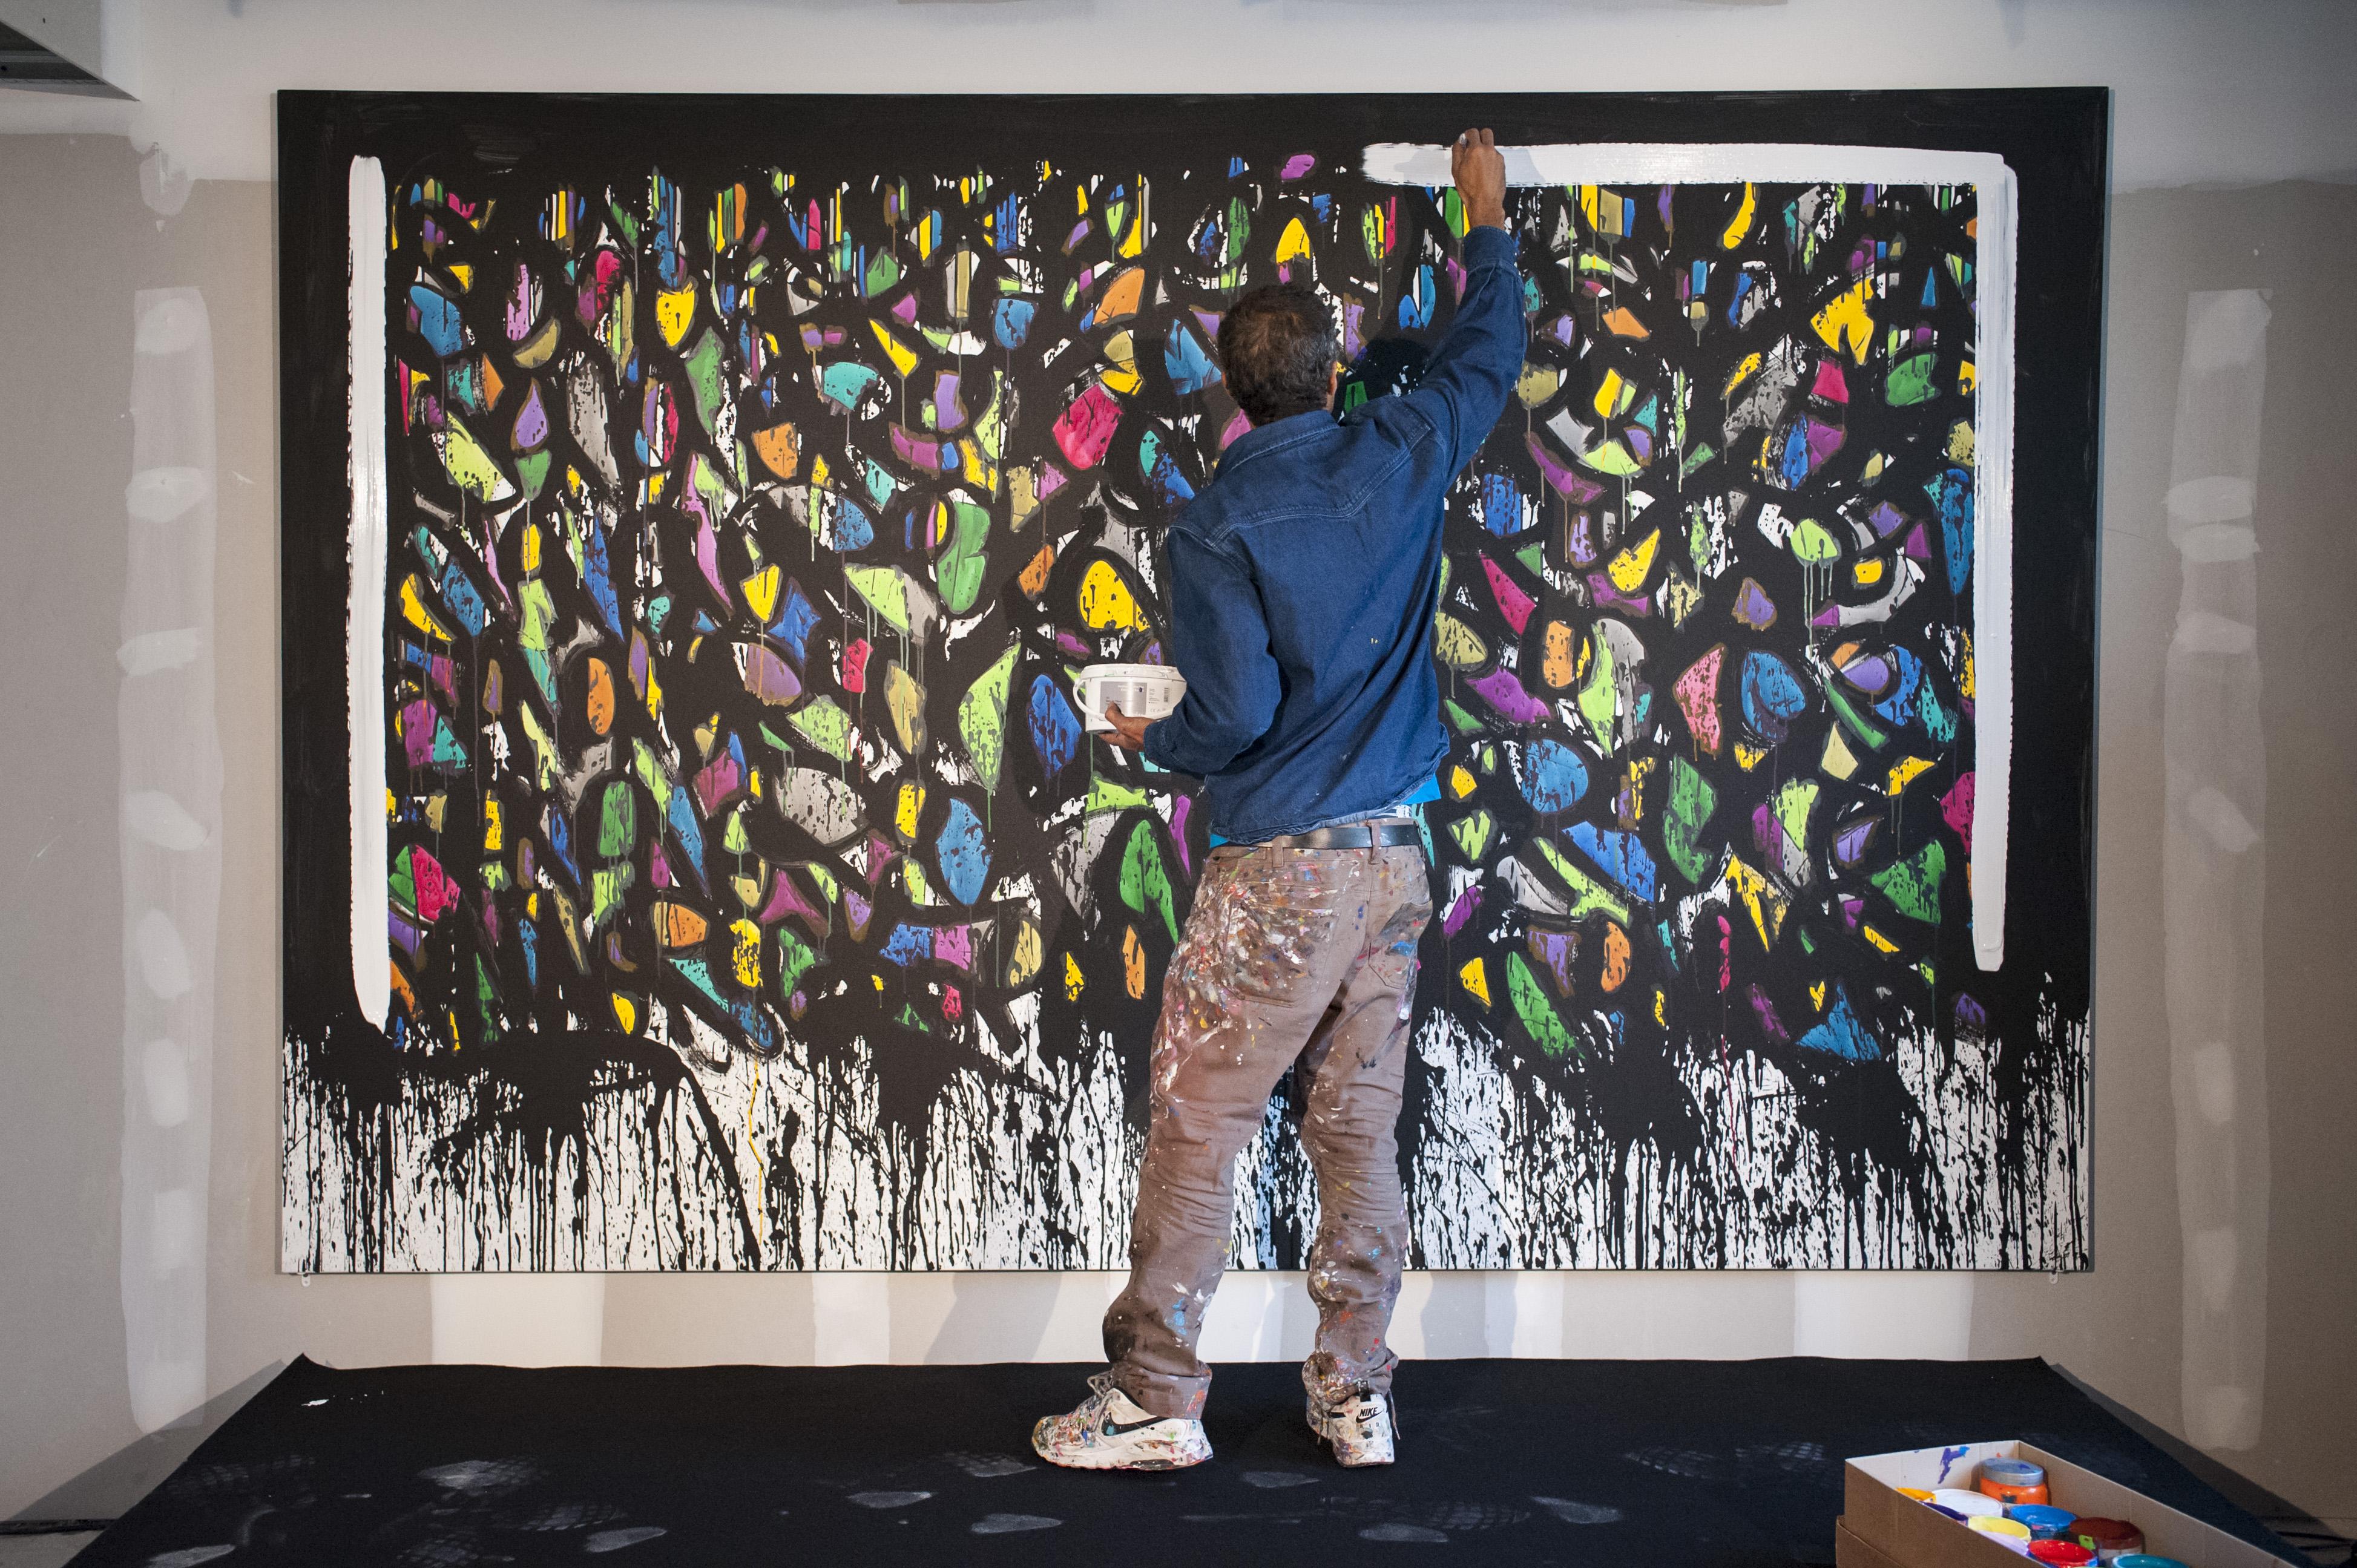 Soirée entreprise Gecina, organisée par Anamorphose, au 55 rue de Montmartre avec l'artiste Jon One.